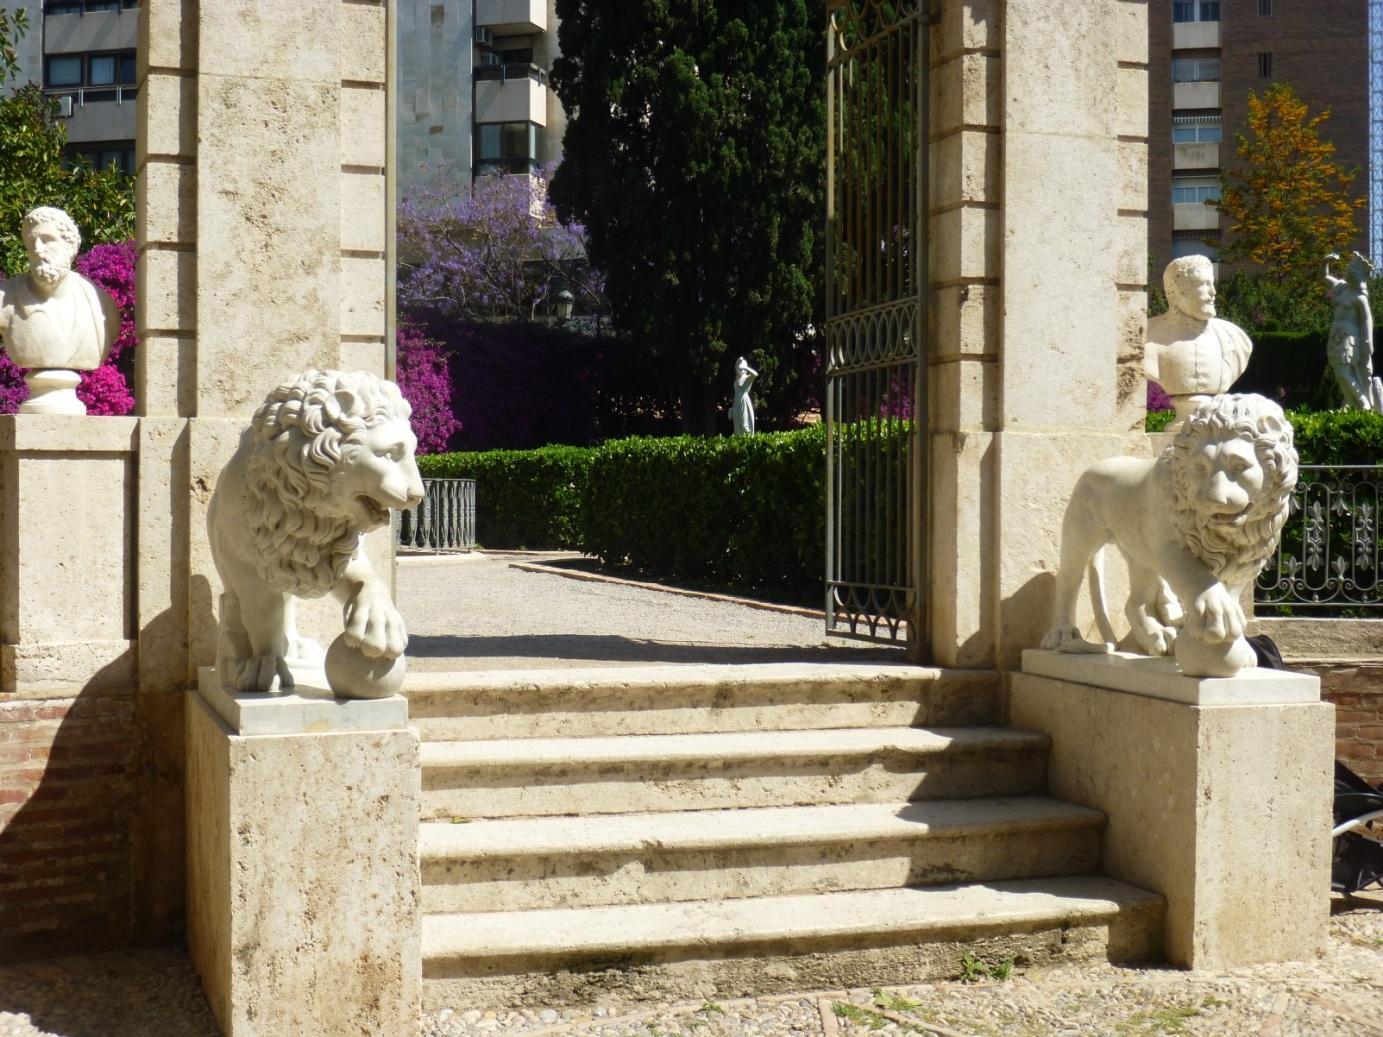 C:\Users\Gonzalo\Desktop\Nova Dimensio\Ver la ciudad\Jardín de Monforte\P1040405.JPG